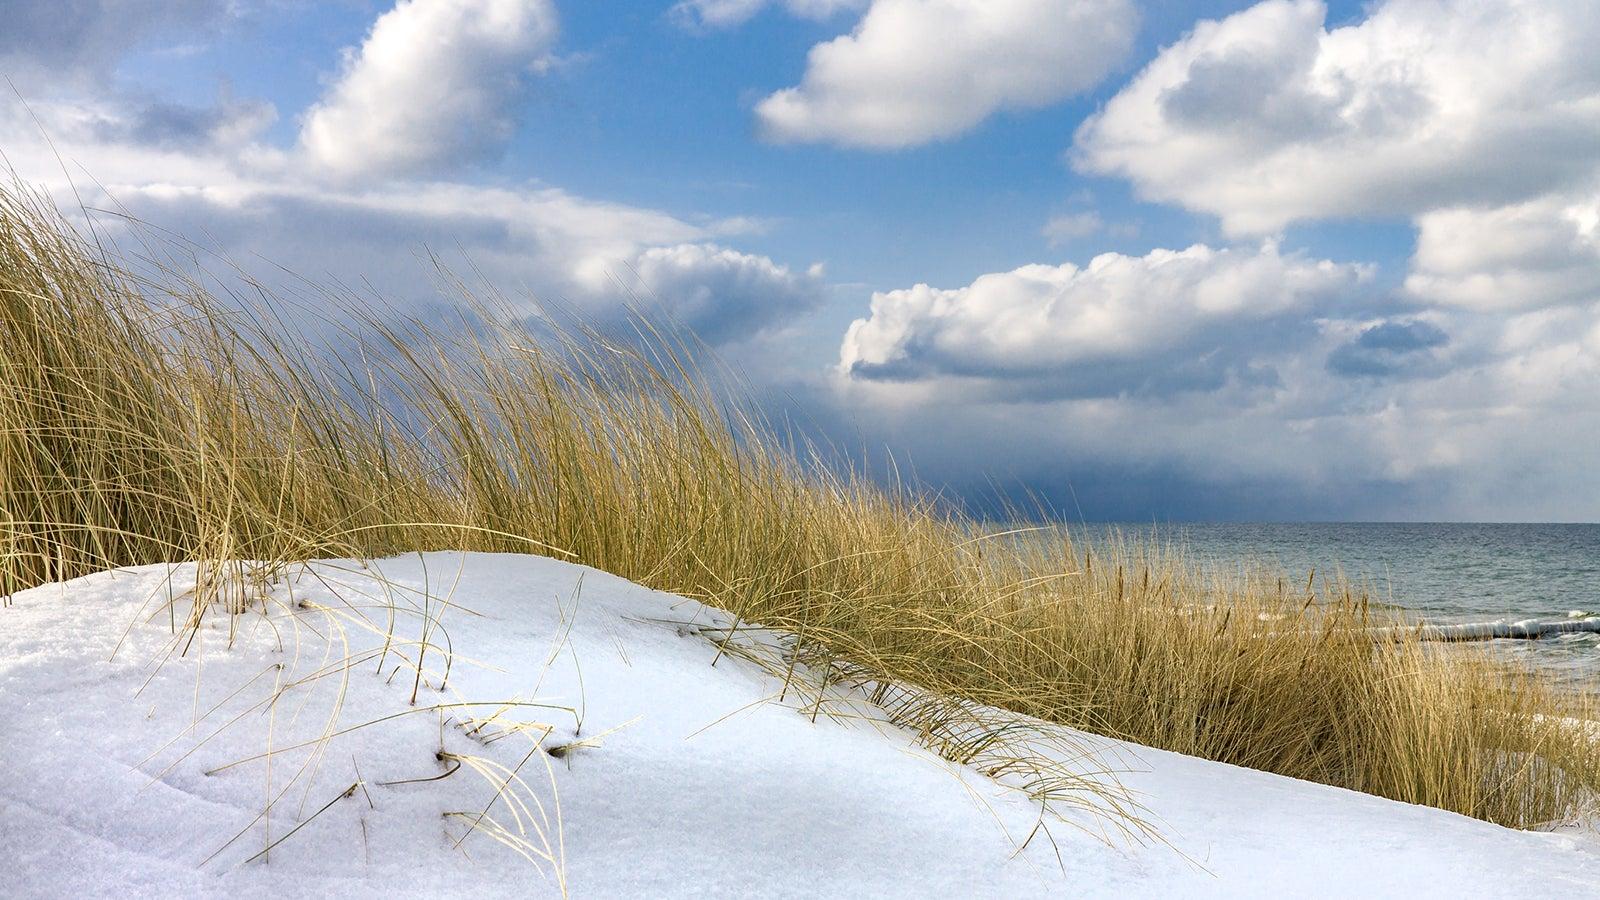 Lake-Effekt: So entsteht der plötzliche Schneefall an der Ostsee